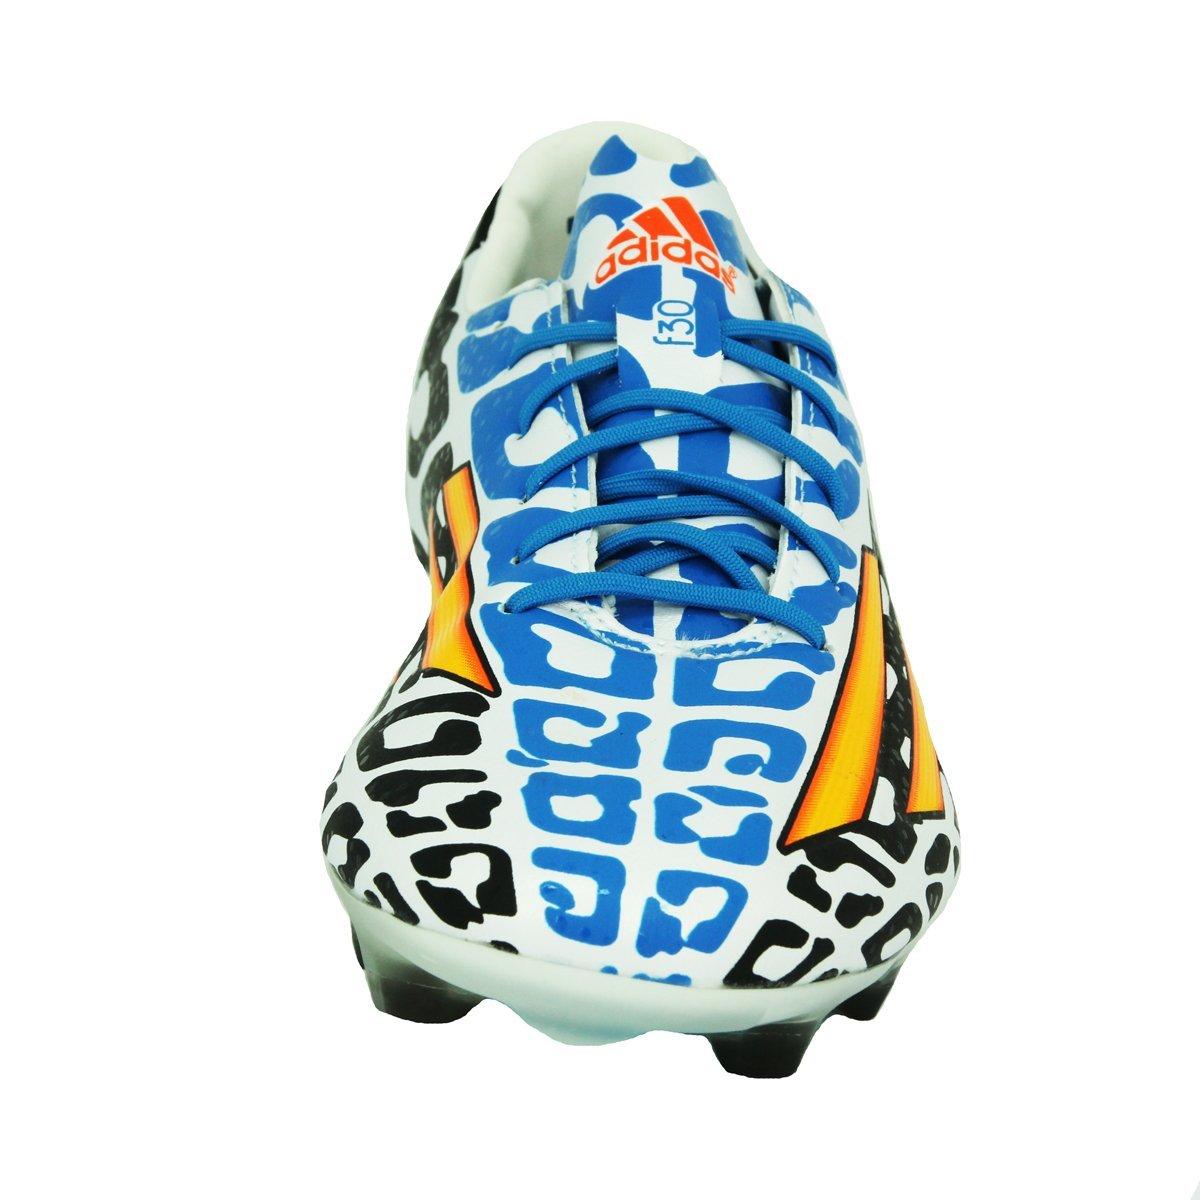 newest a639f 058d0 adidas Performance F30 FG Zapatillas de Futbol Blanco Negro Azul para  Hombre Lionel Messi  Amazon.es  Deportes y aire libre